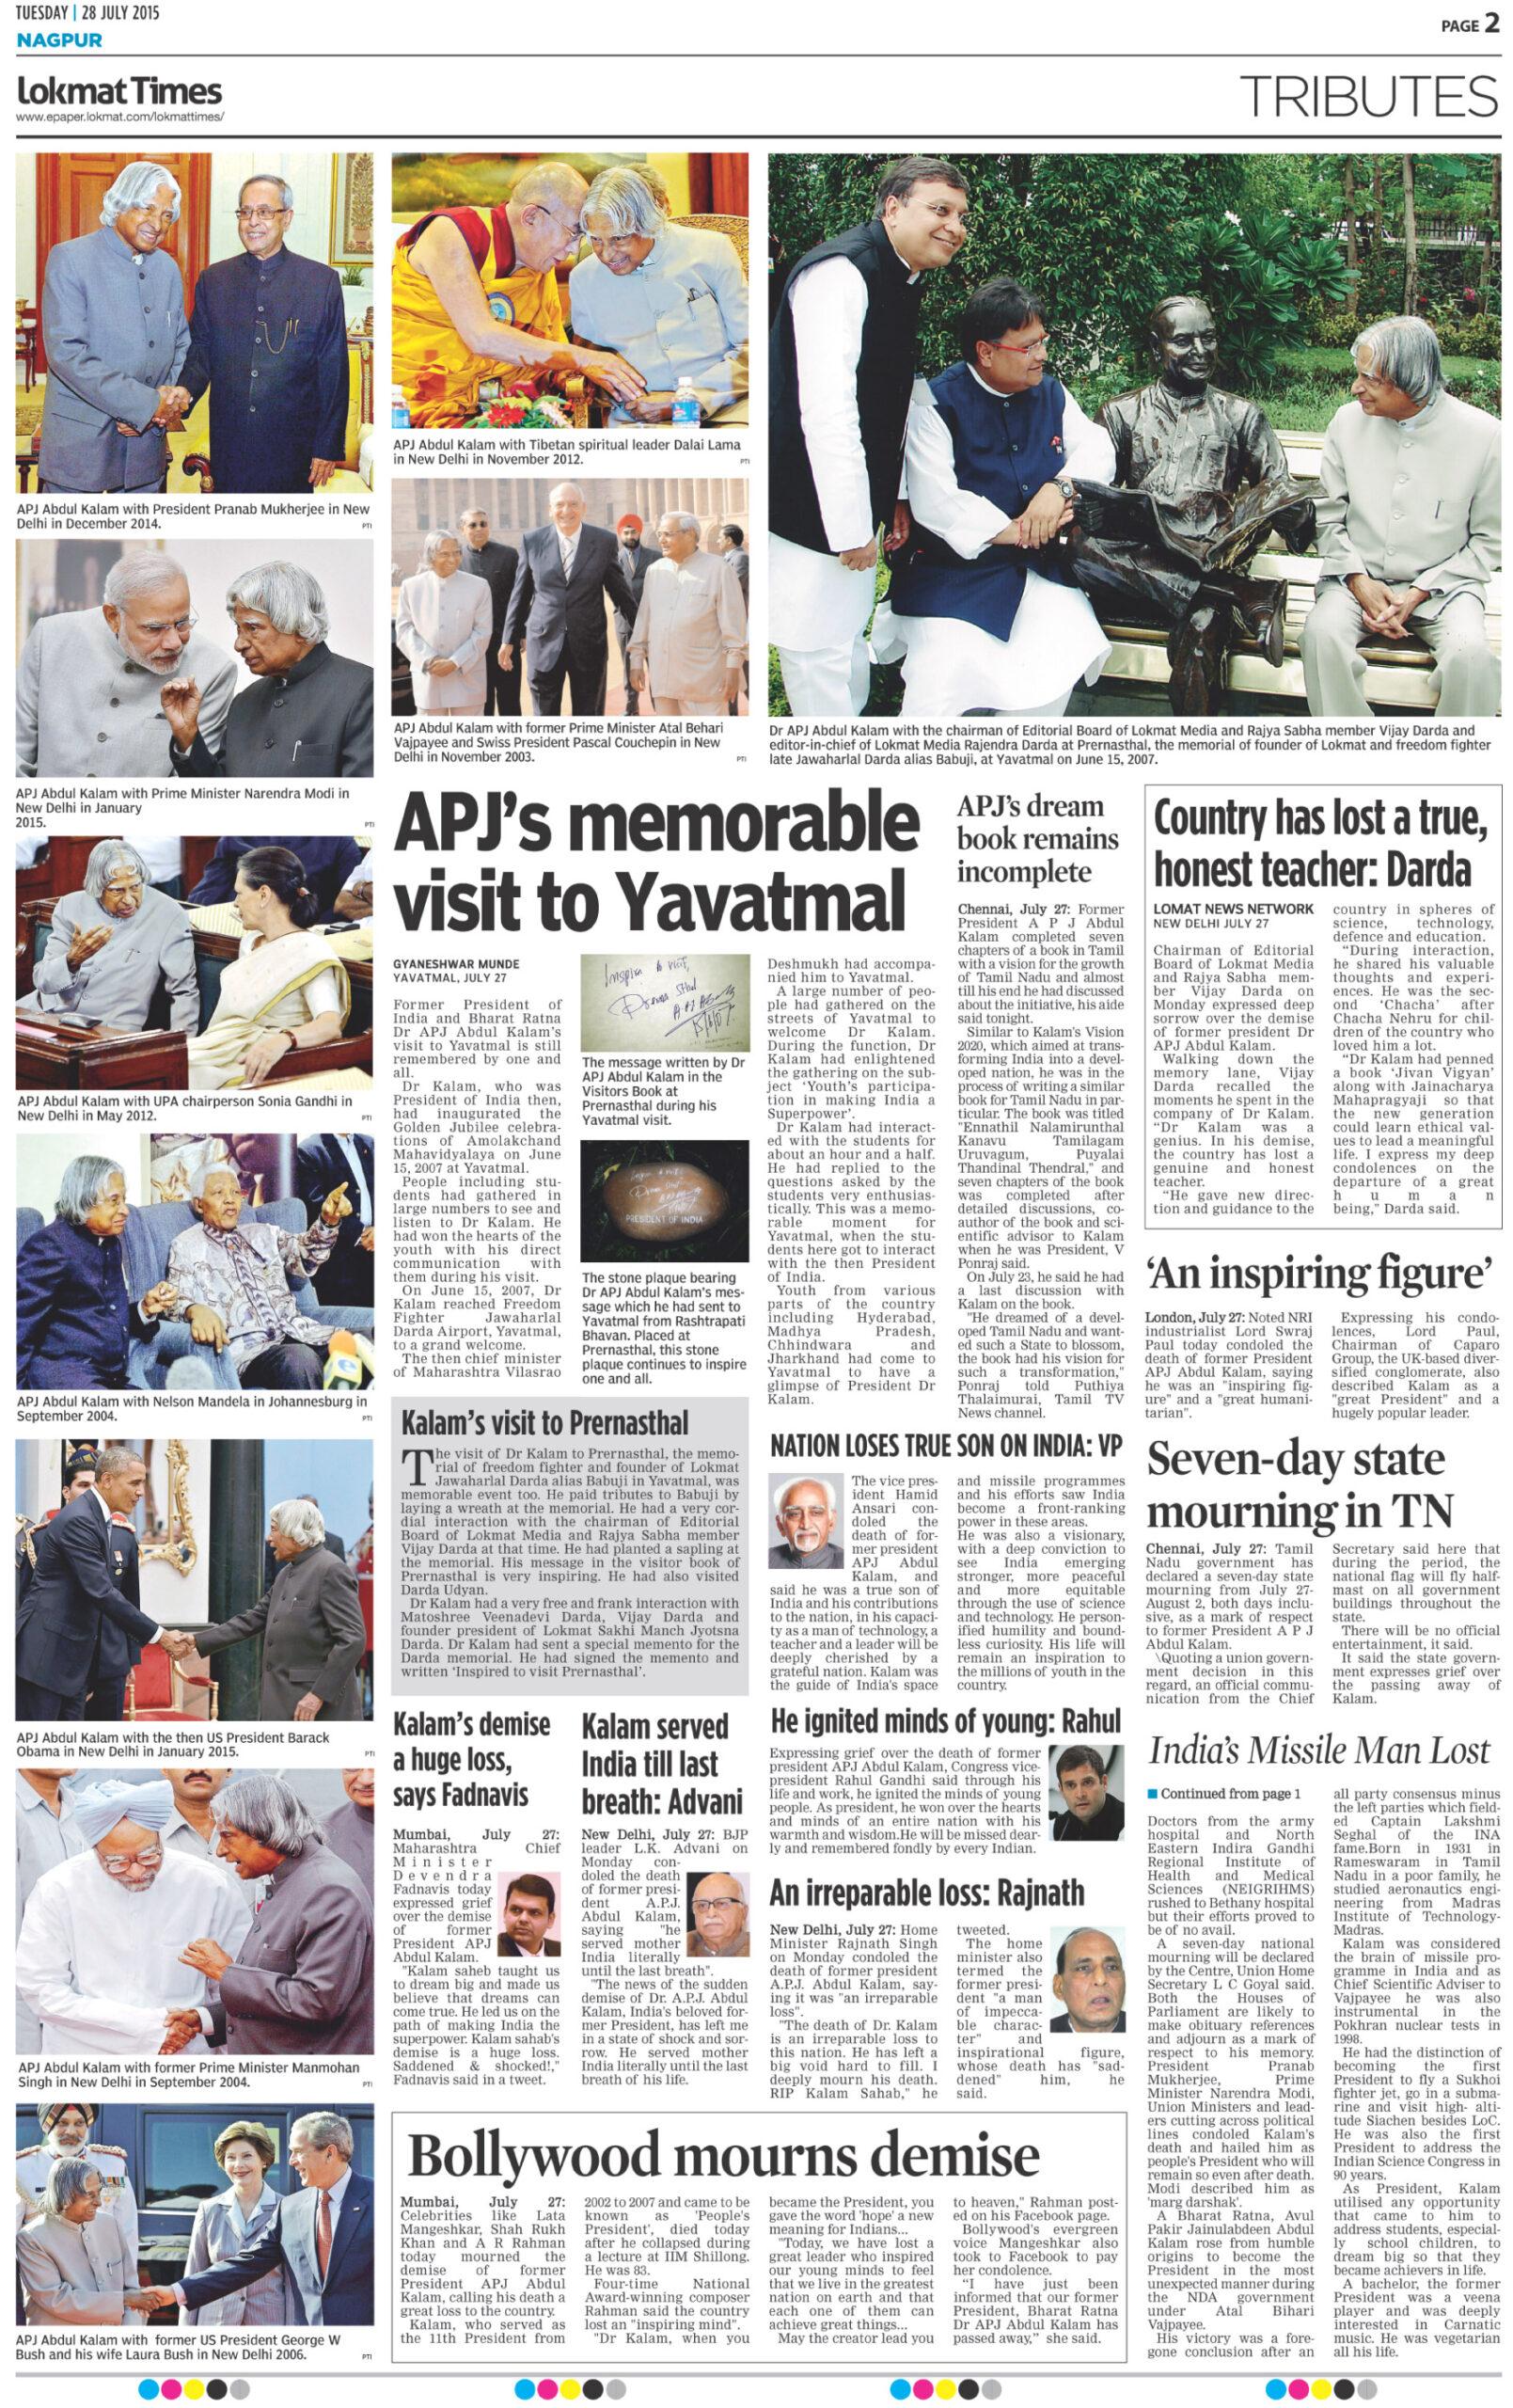 APJ's memorable visit to Yavatmal